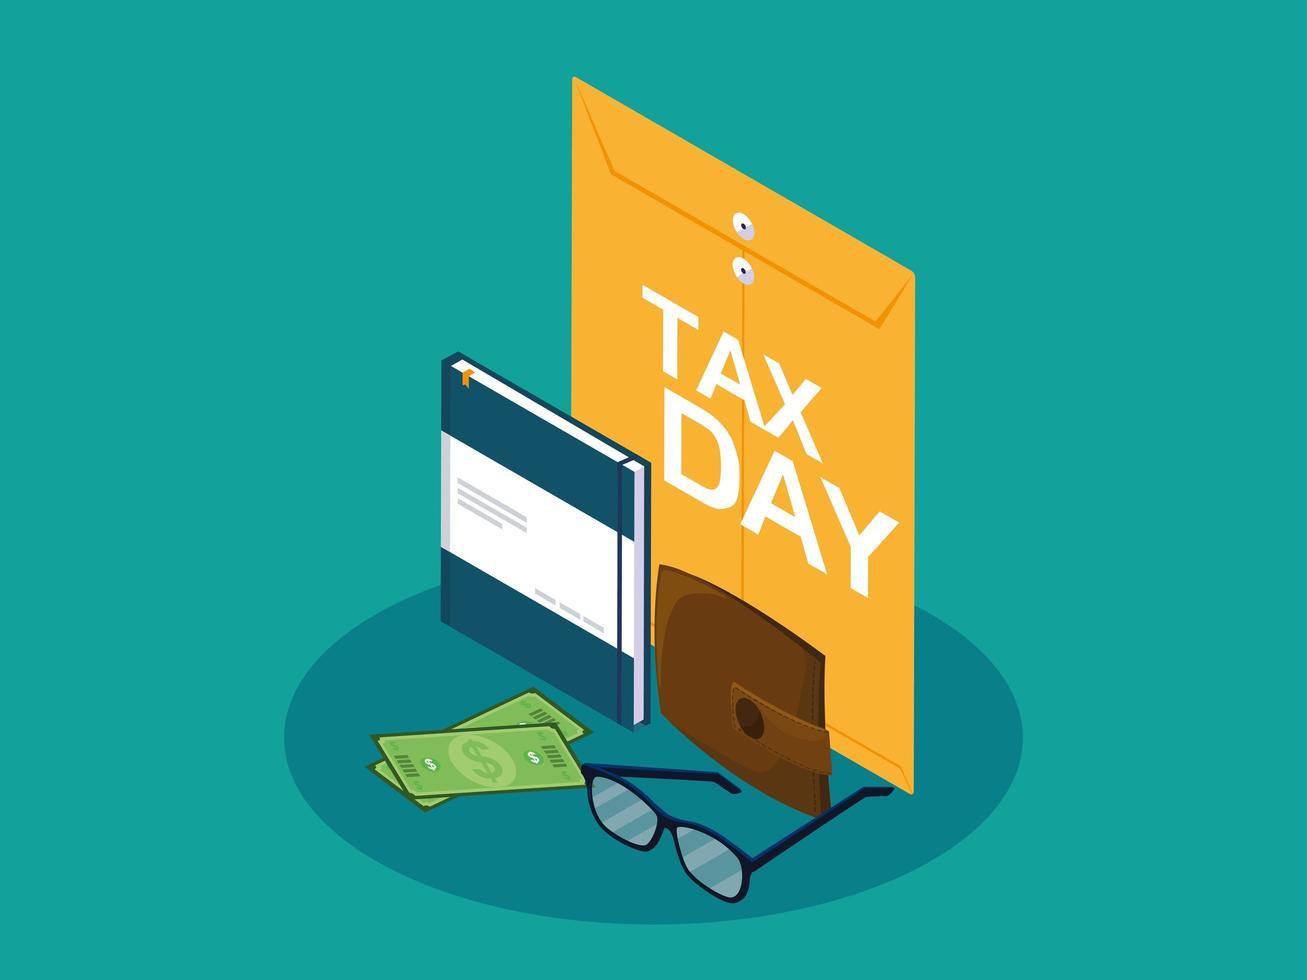 giorno delle tasse con busta di manila e icone del mondo vettore